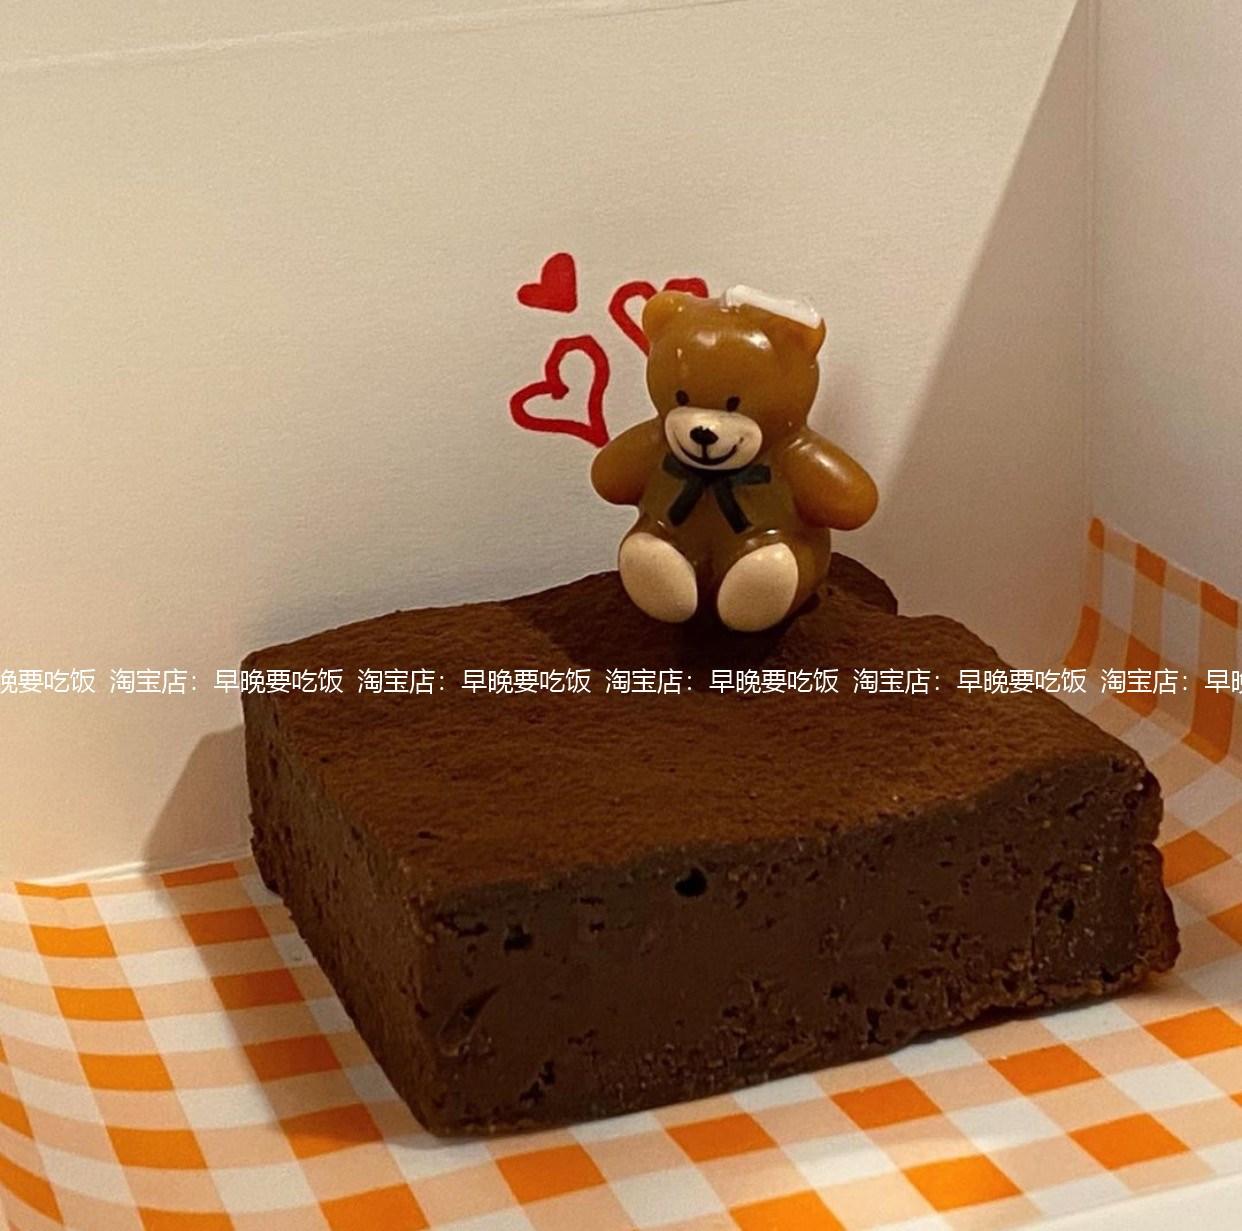 곰돌이 초 생일 케이크 주문 케잌 장식 곰 인형 캐릭터 양초 캔들, 브라운 베어